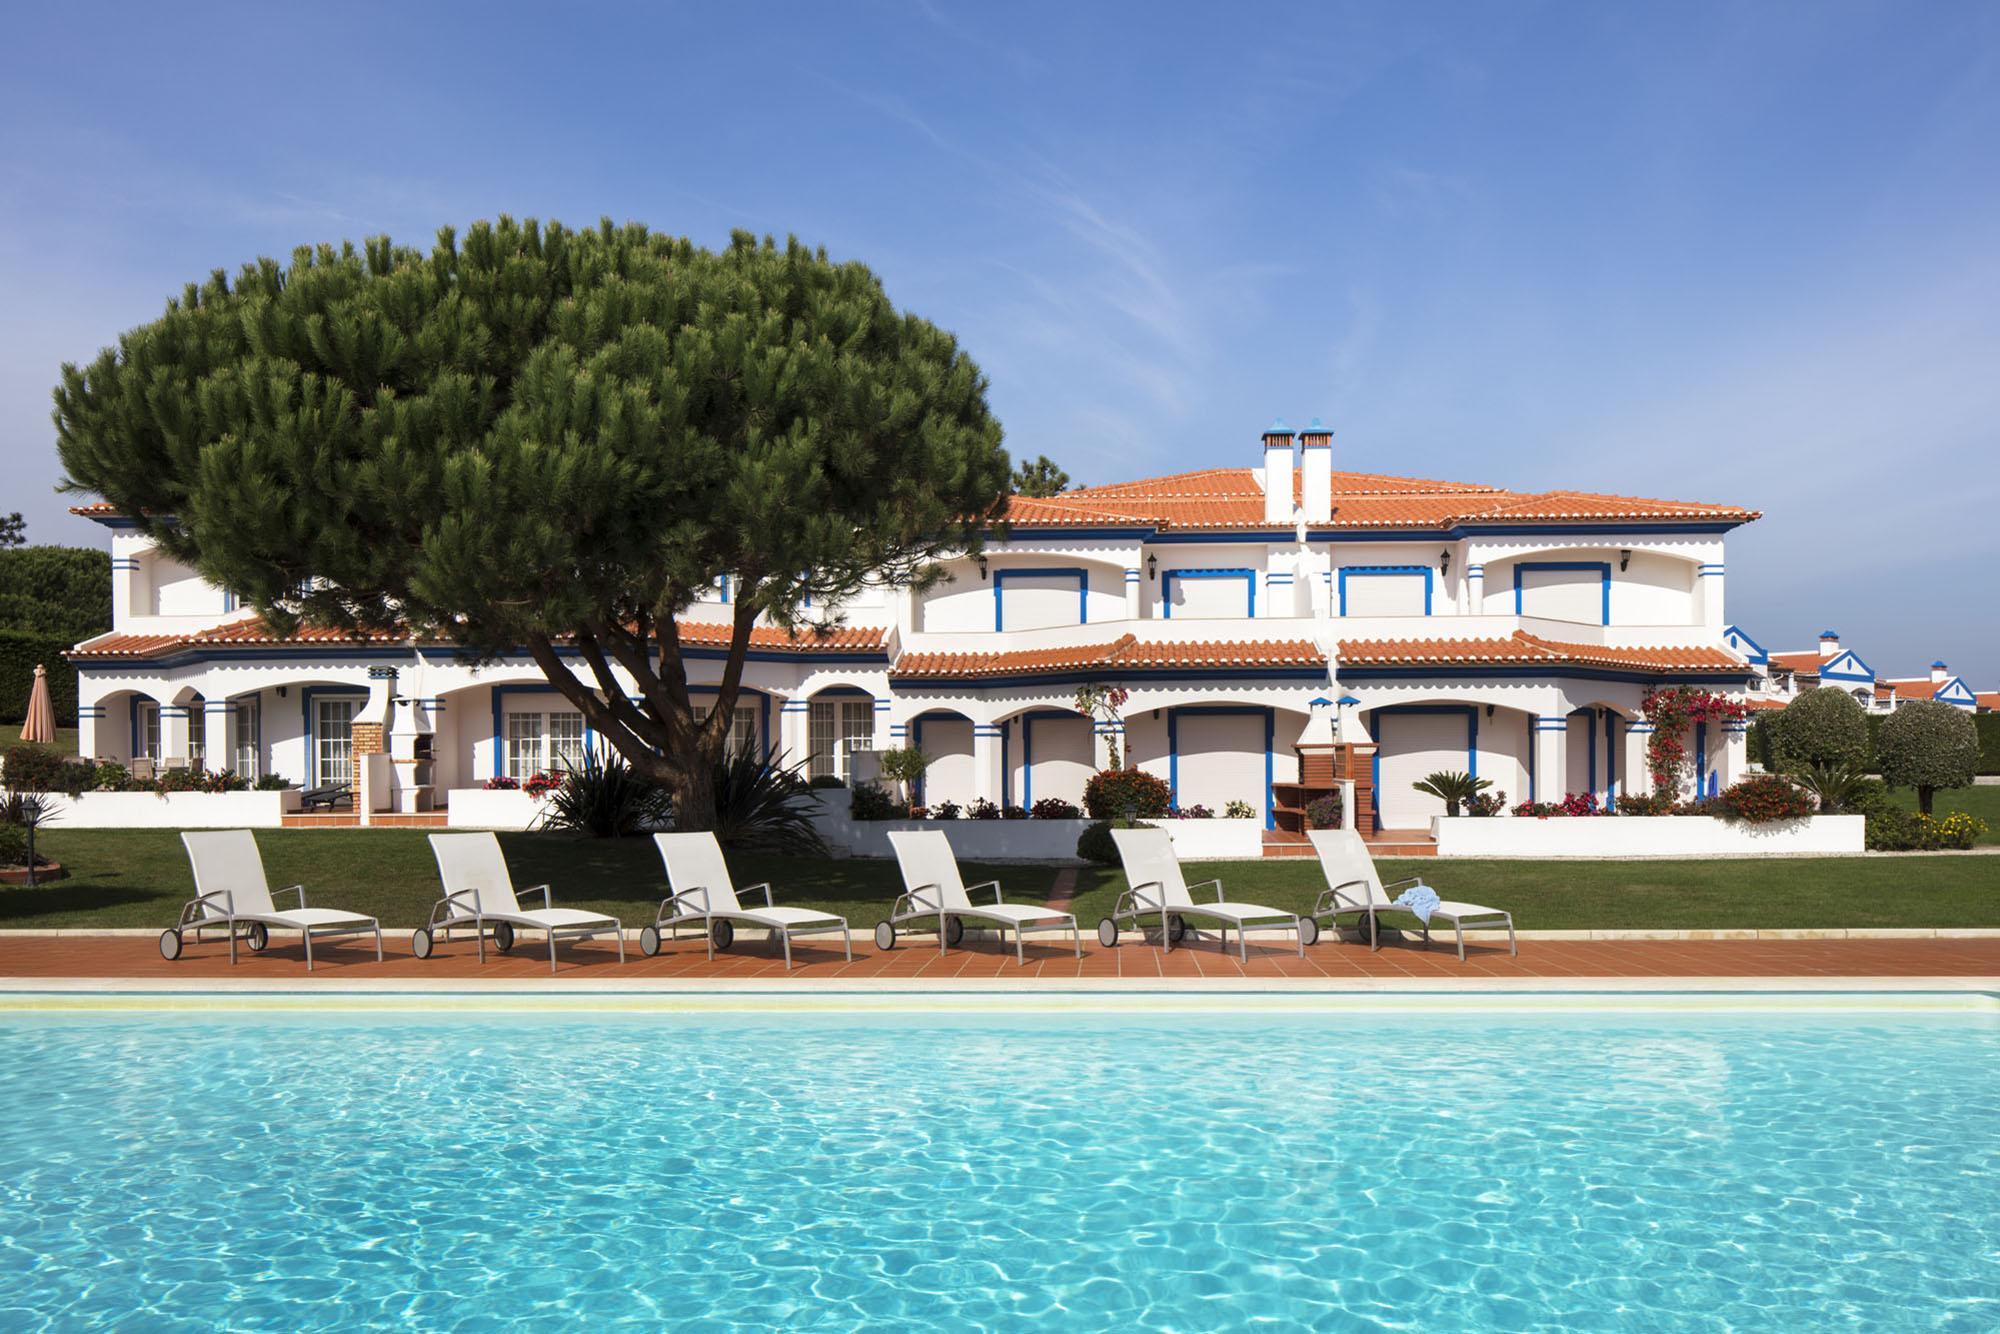 praia-del-rey-beach-golf-resort-the-village 3233